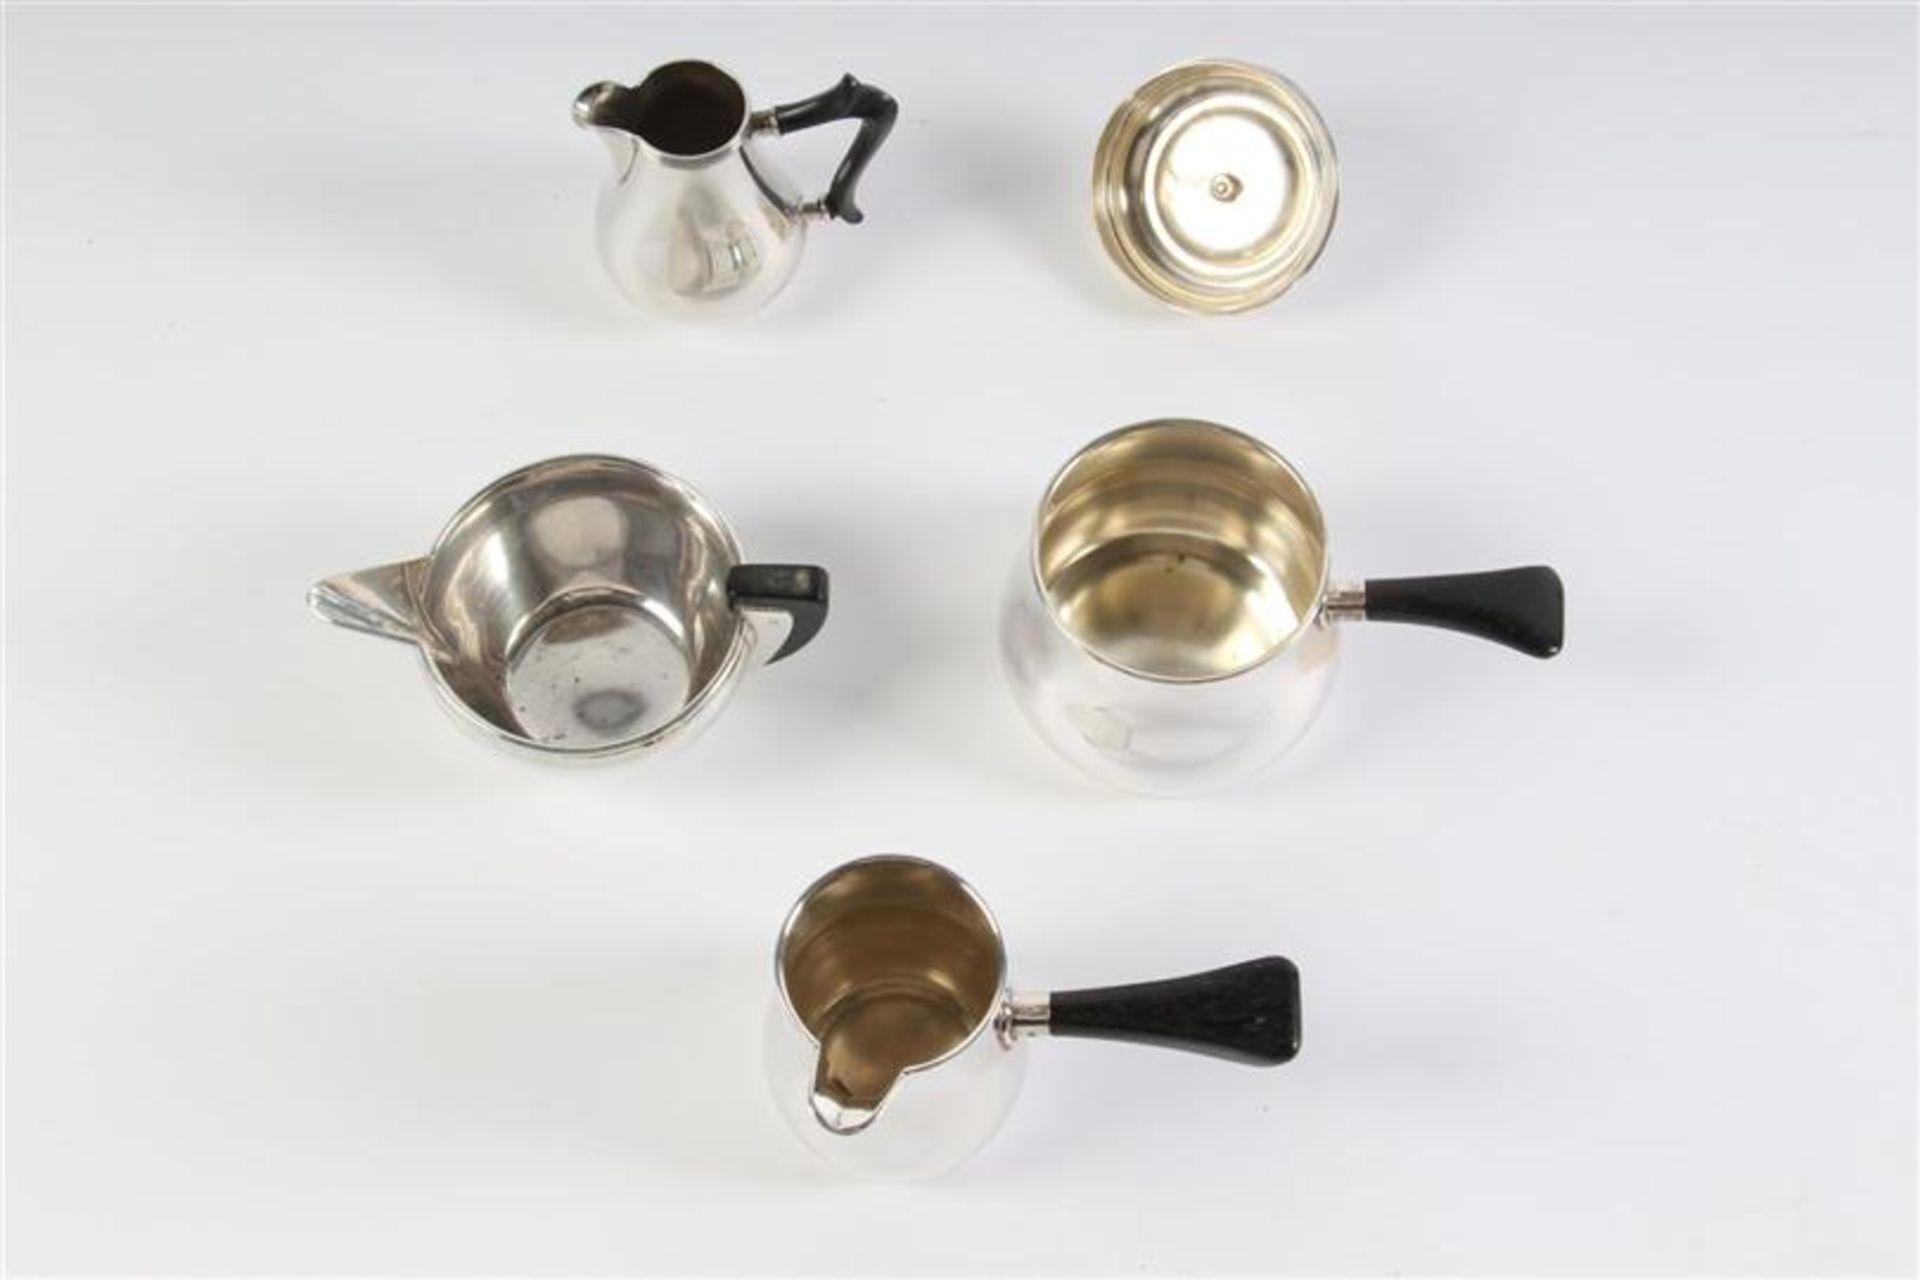 Vier zilveren mokka- en roomkannetjes, Holland, 20e eeuw. - Bild 2 aus 3